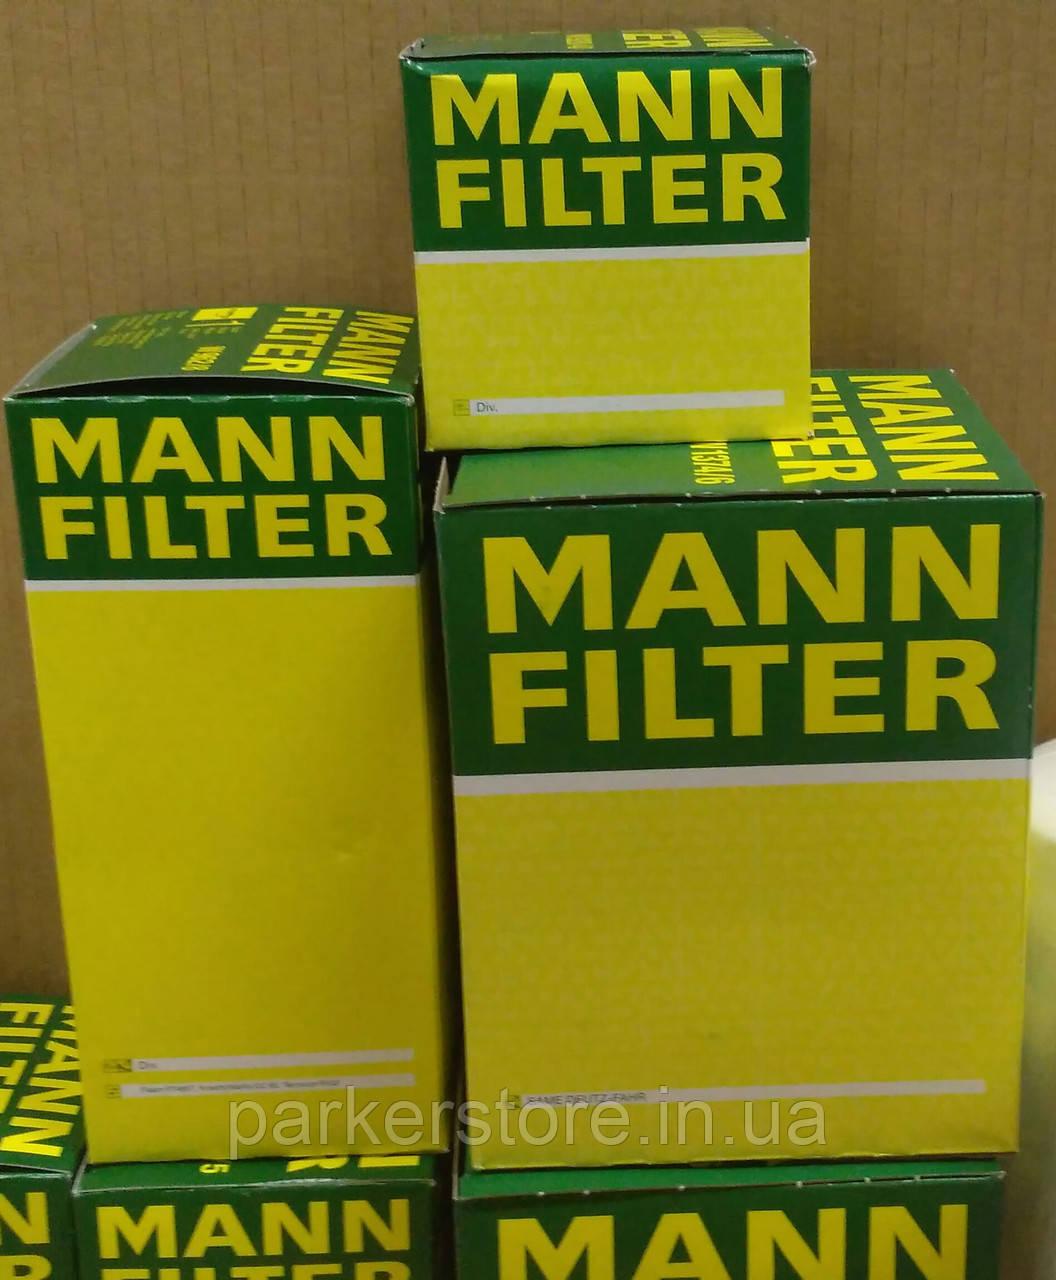 MANN FILTER / Воздушный фильтр / C 25 122 / C25122